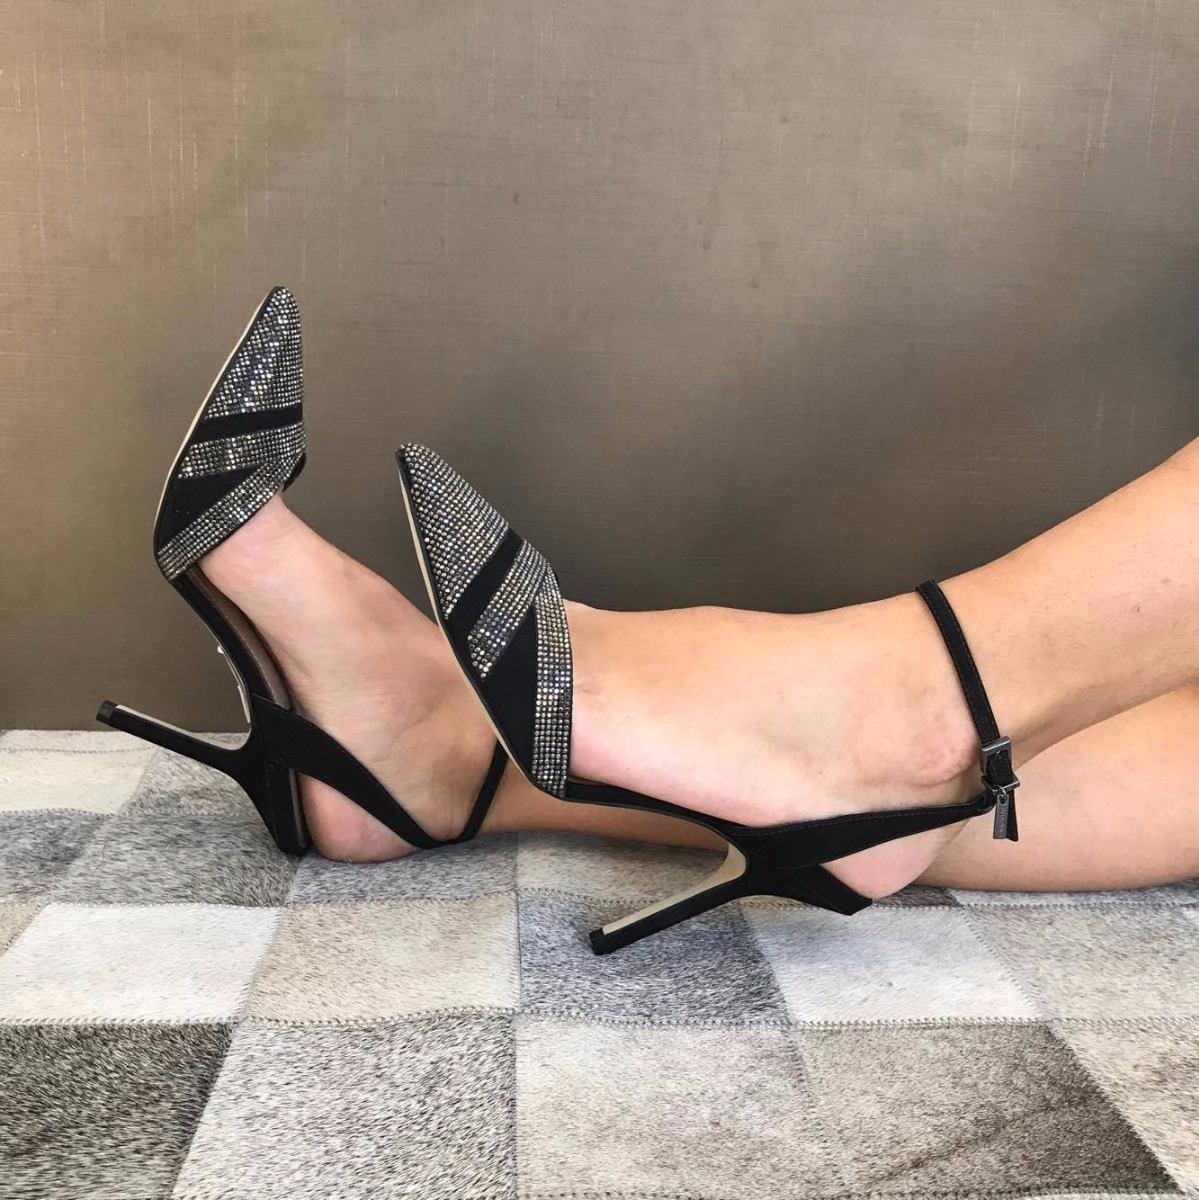 ff151d928 Sapato Social Para Festa Chique Modelo Chanel - R$ 249,00 em Mercado ...